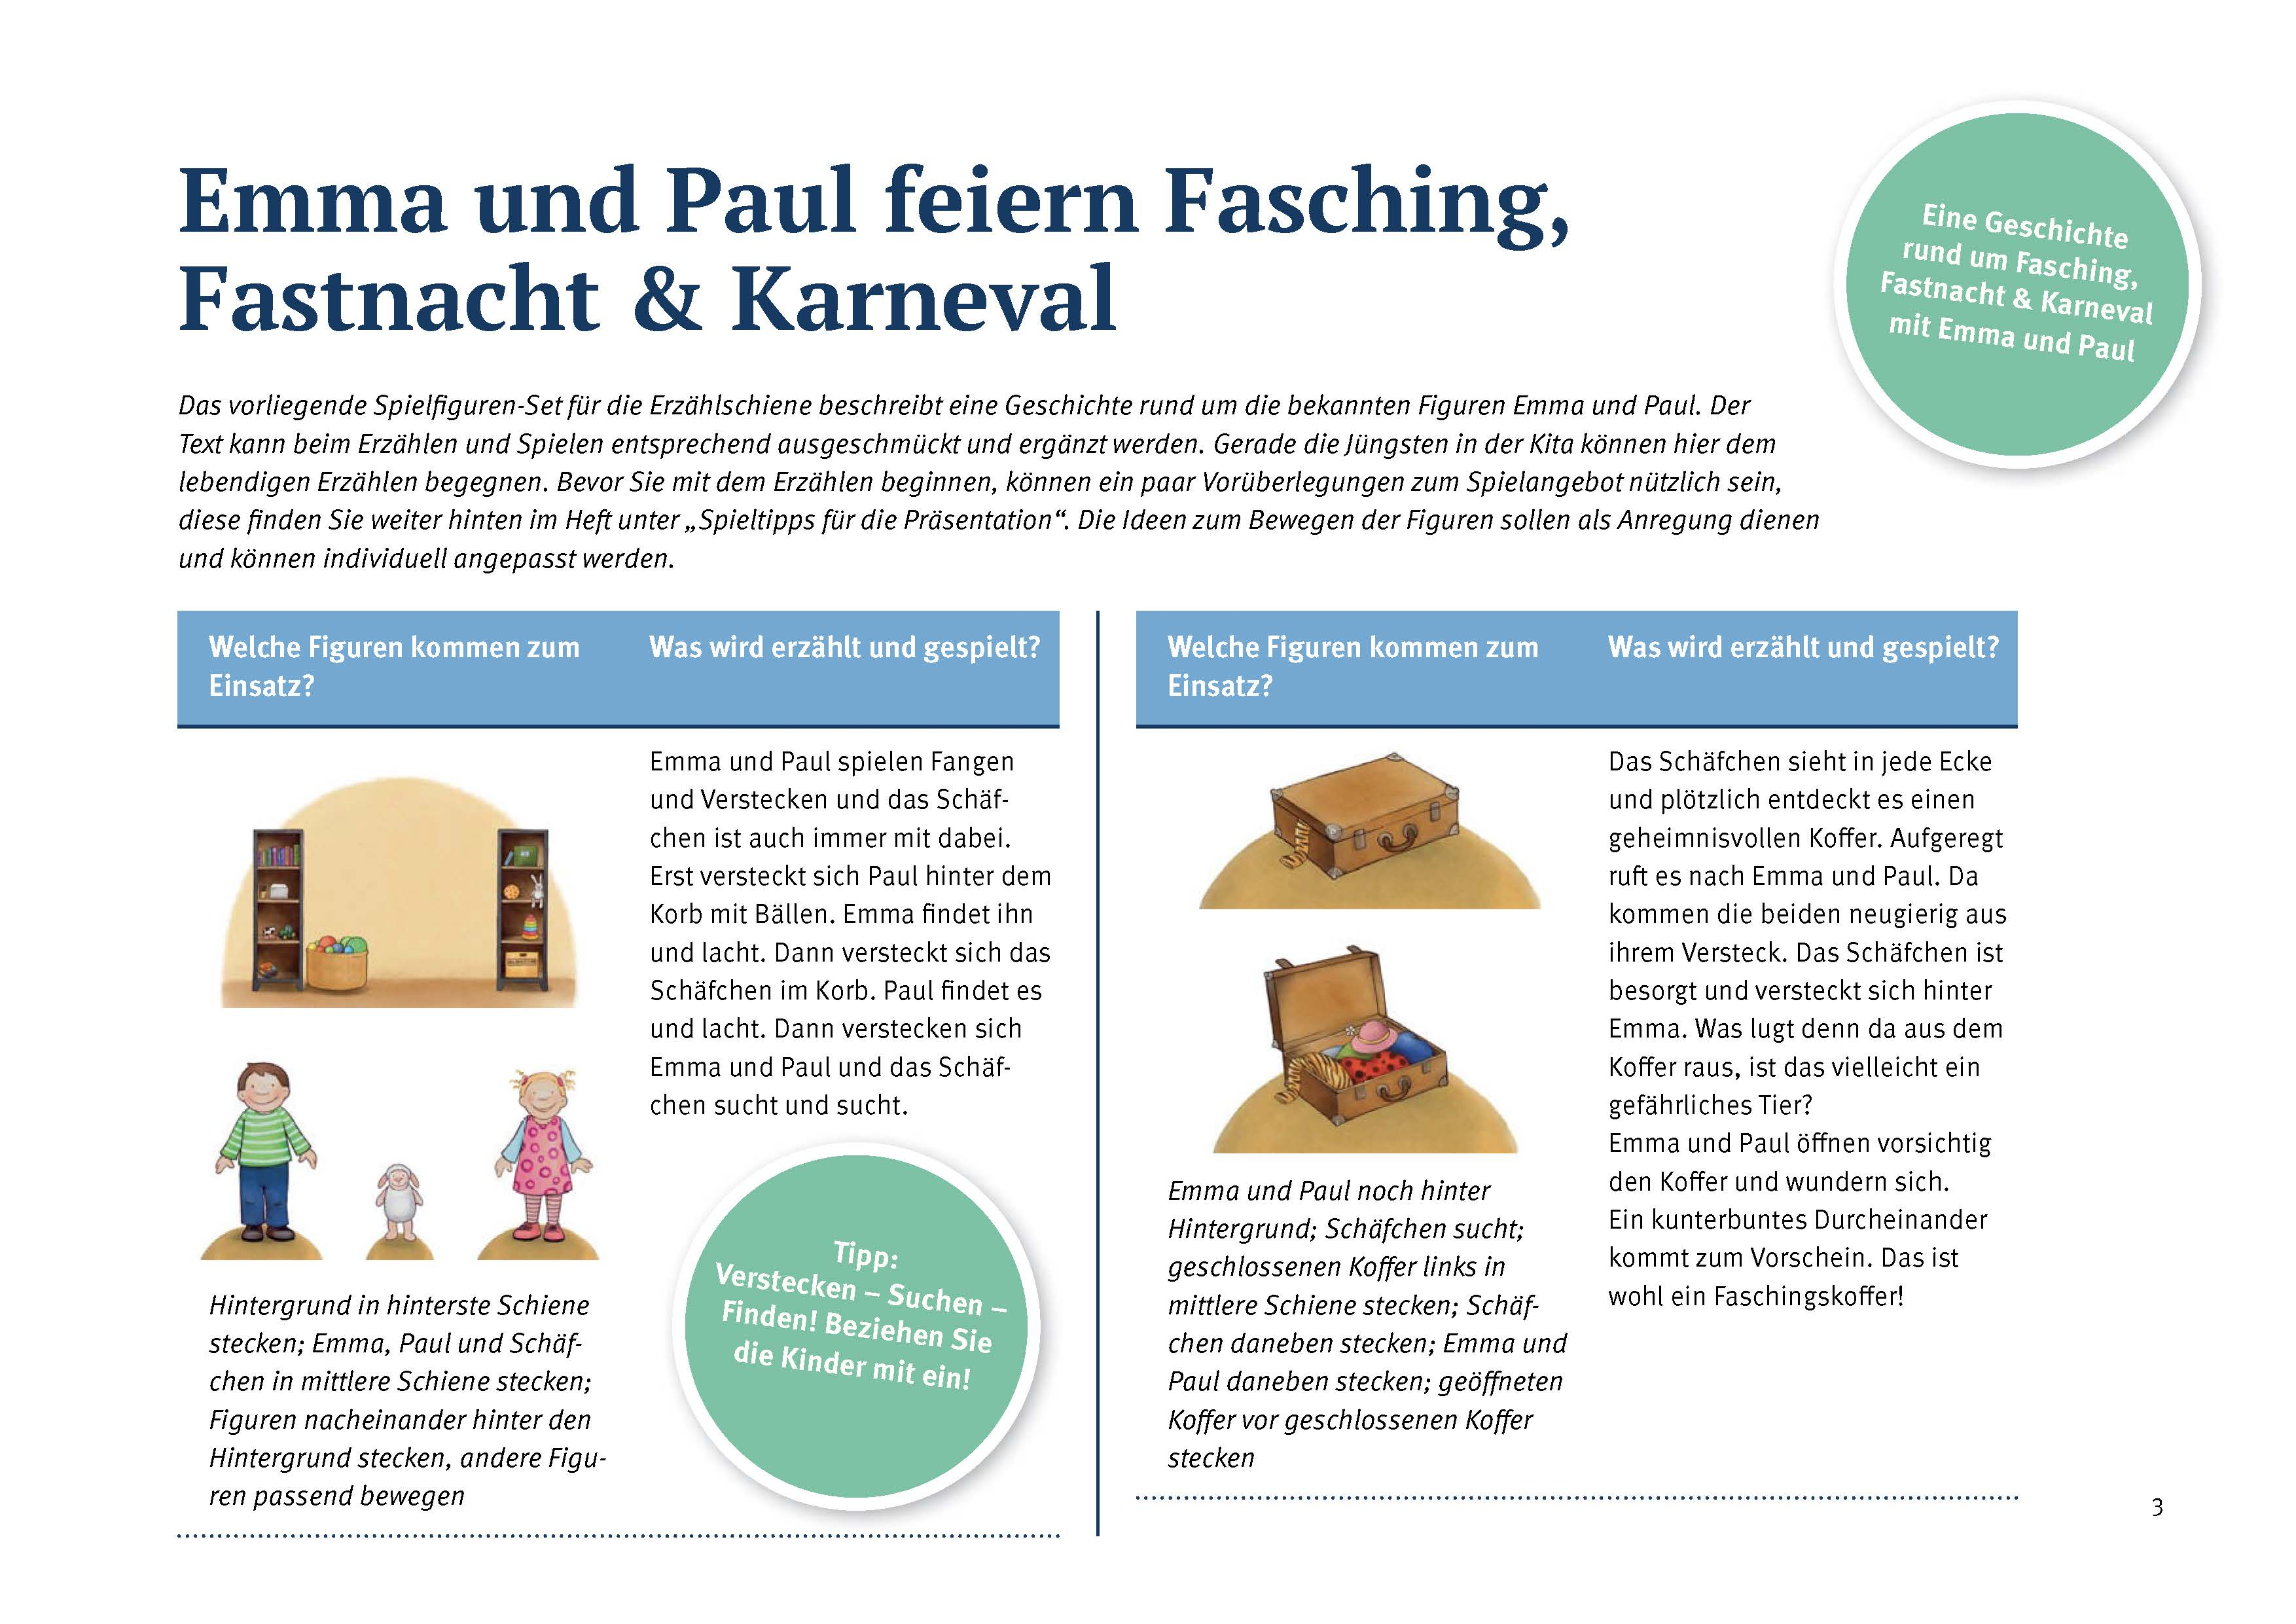 Innenansicht zu Emma und Paul feiern Fasching, Fastnacht & Karneval.